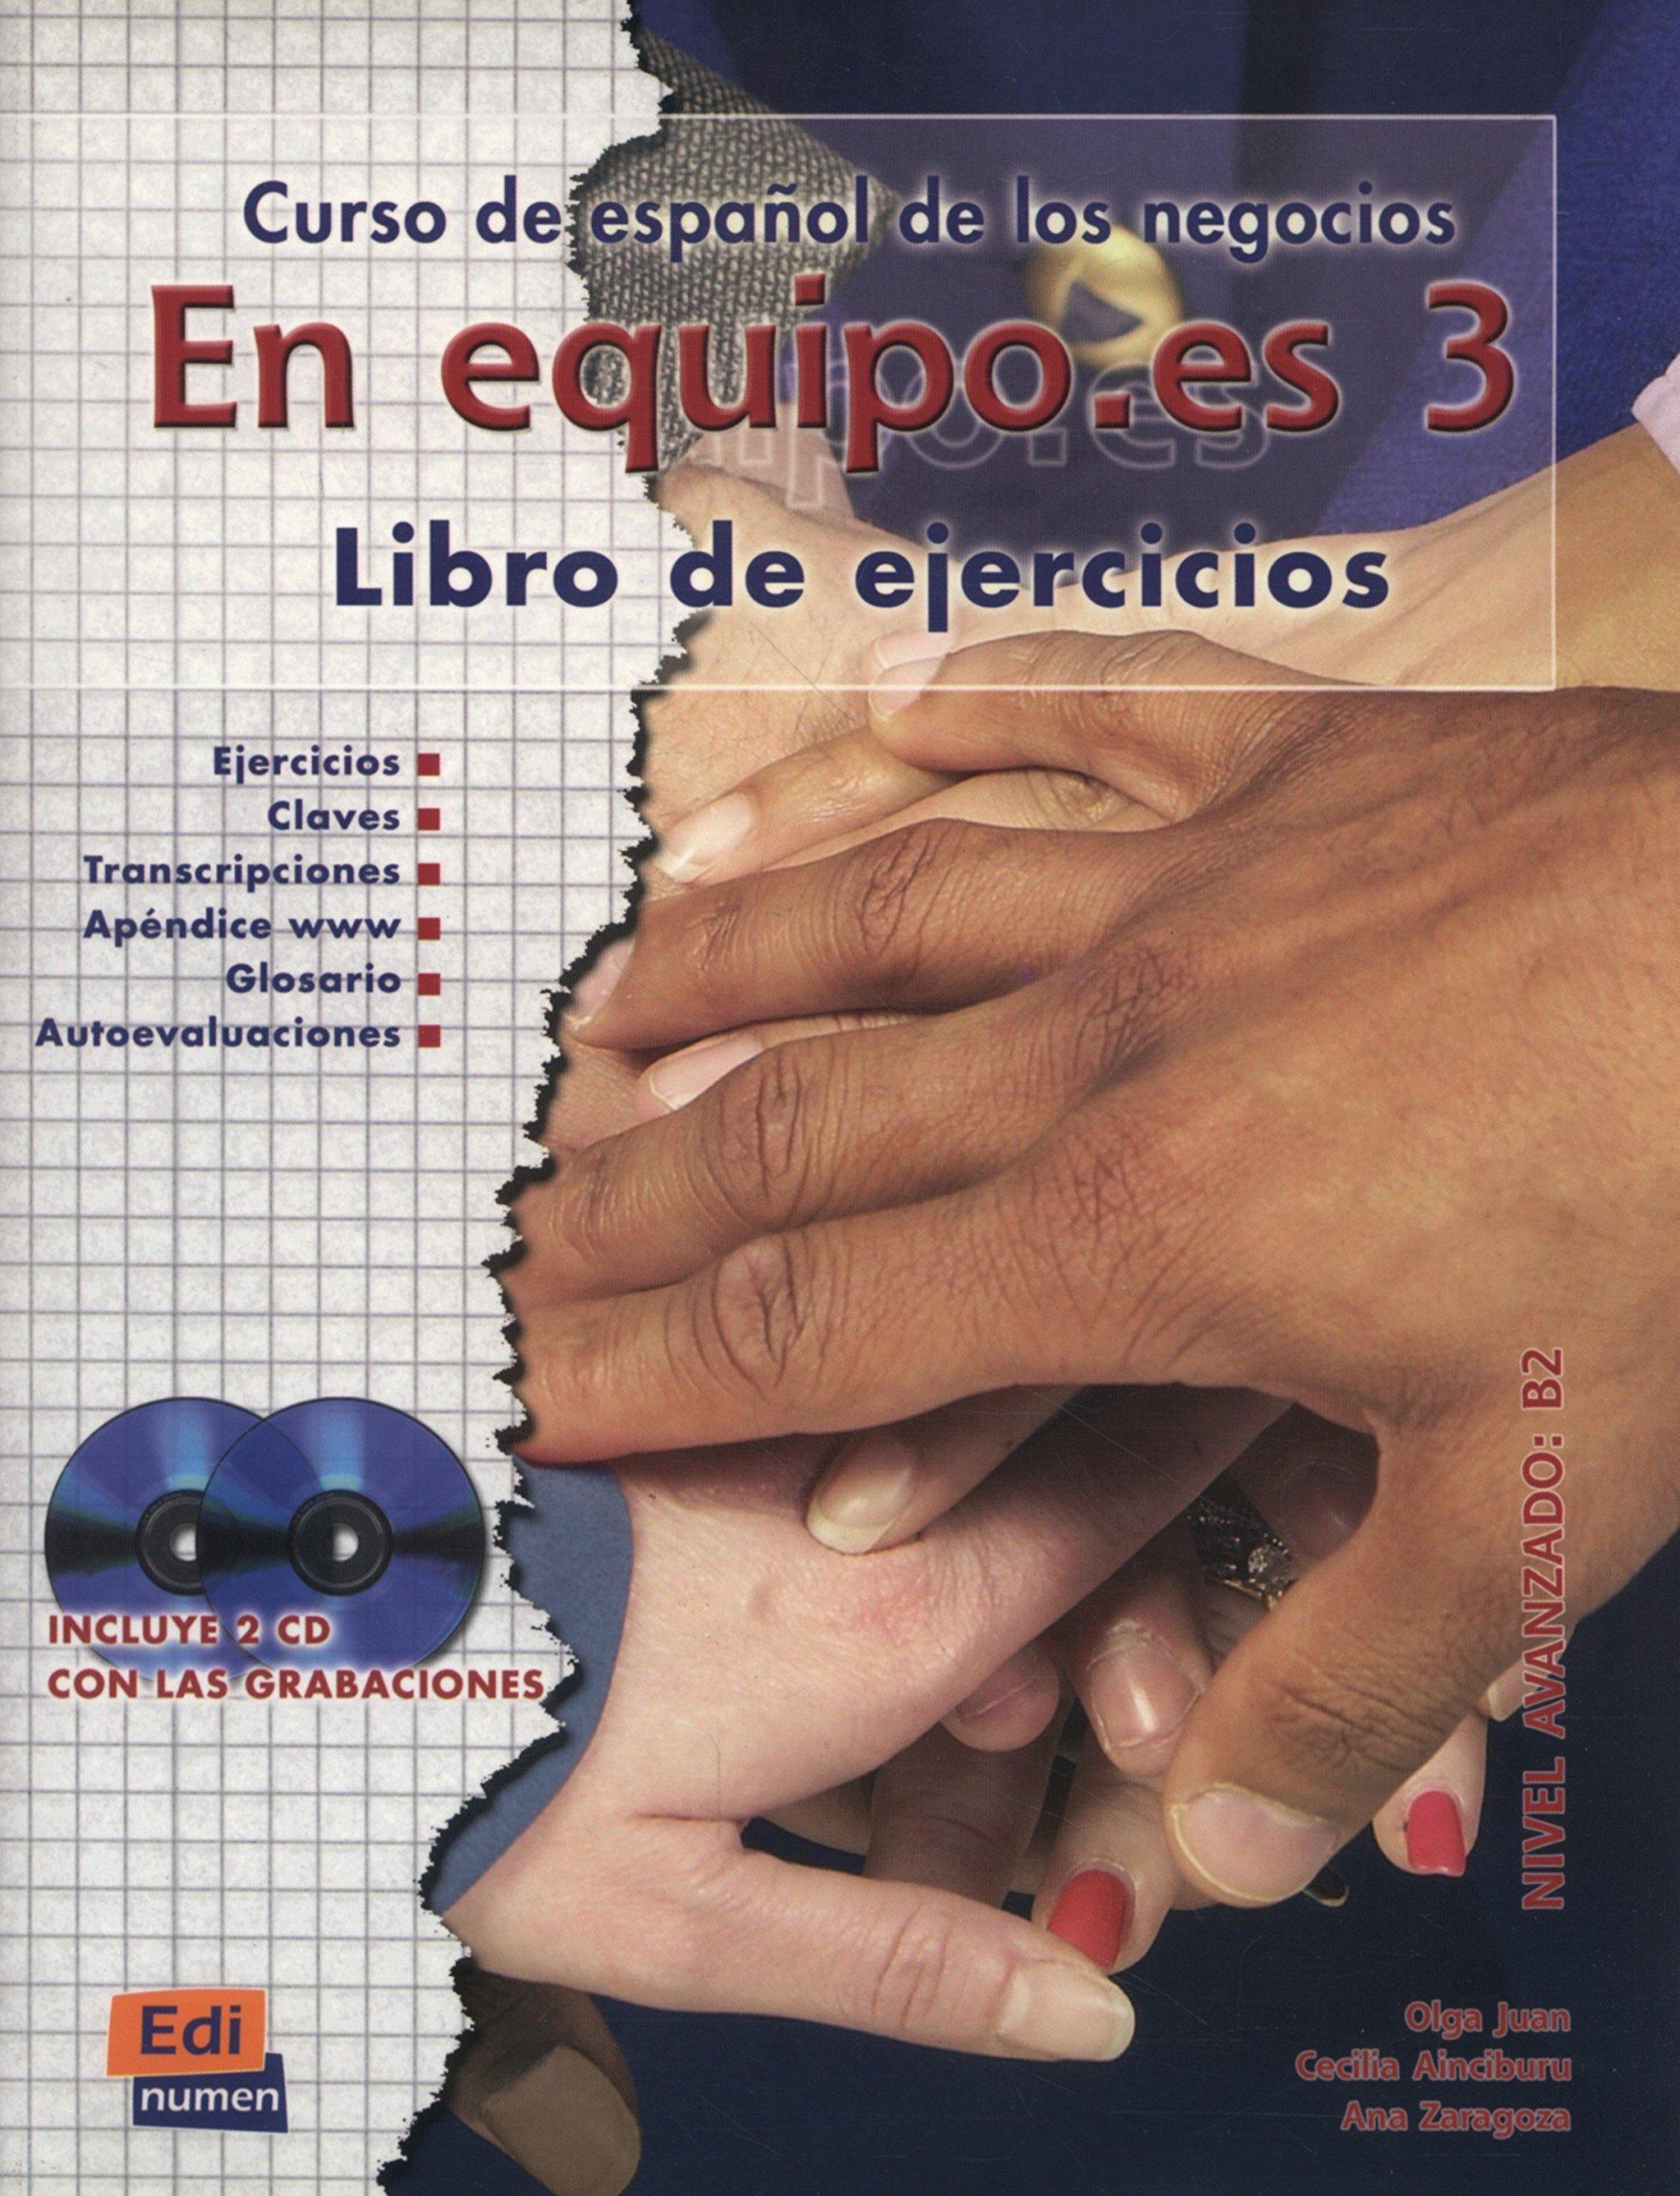 Read Online En equipo.es/ In Teams.es: Curso de espanol de los negocios/ Spanish Language Course for Business (Spanish Edition) pdf epub